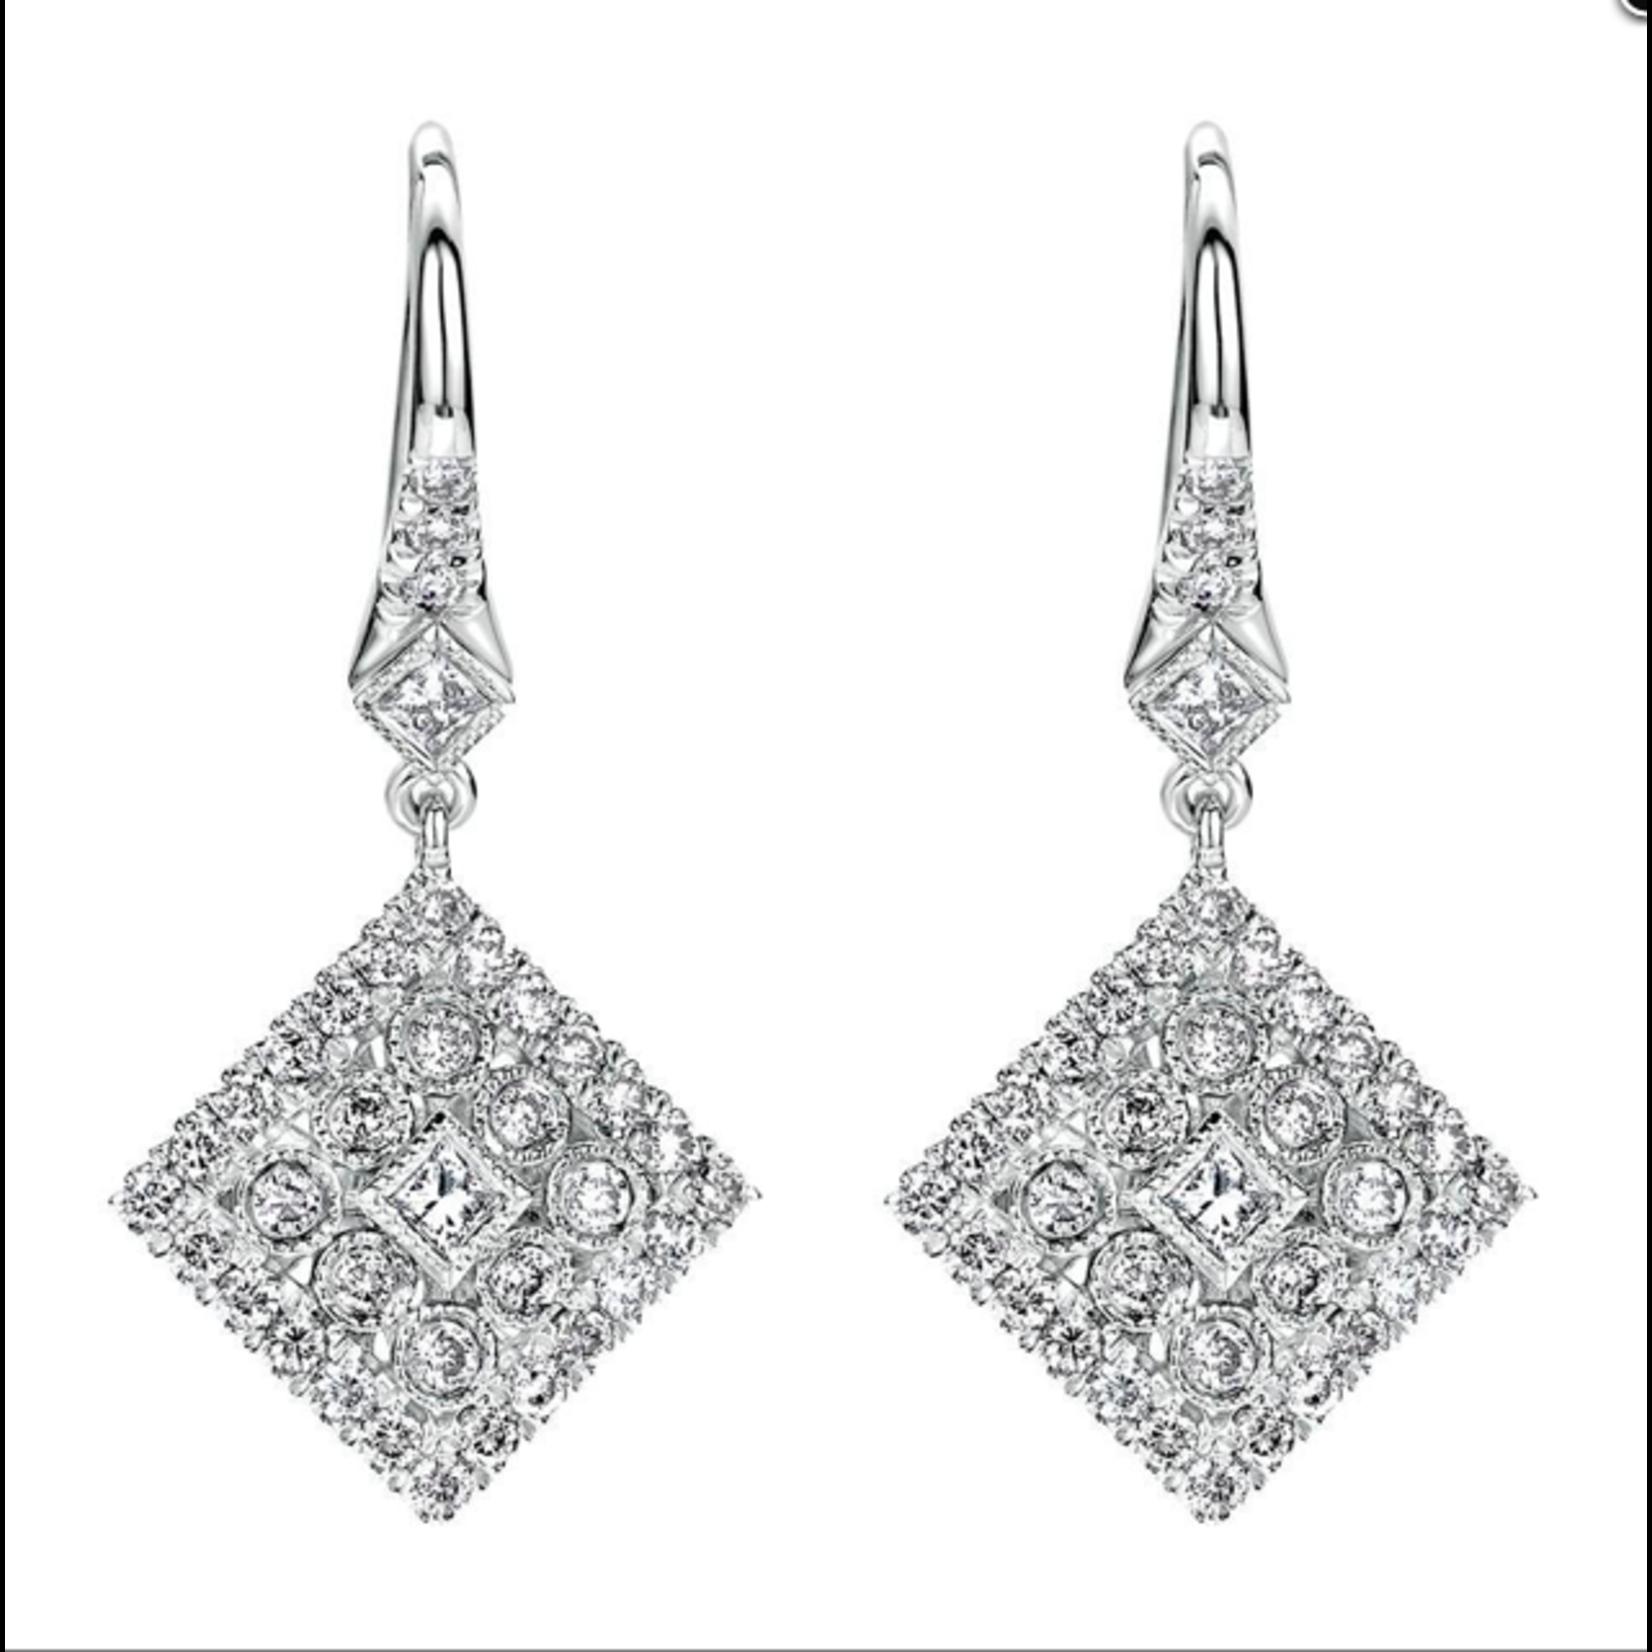 14KW Gold Diamond 0.63ctw Deco Drop Earrings